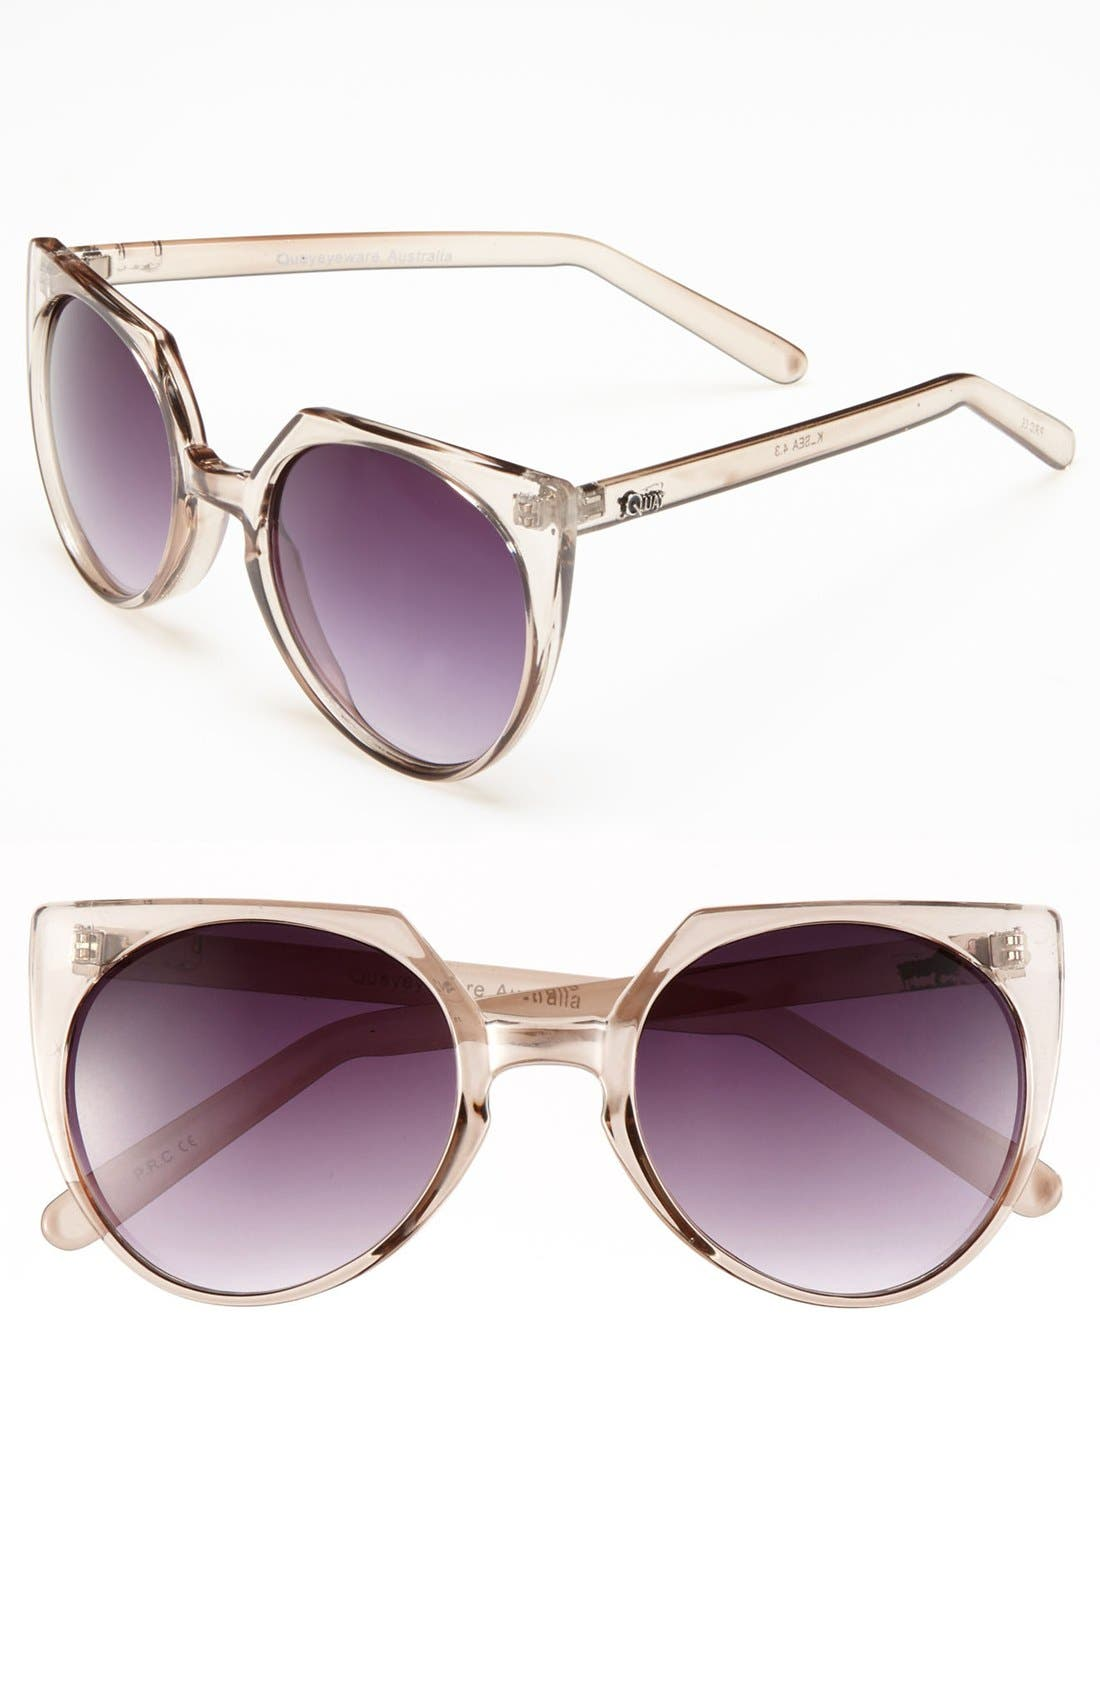 Main Image - Quay Retro Sunglasses